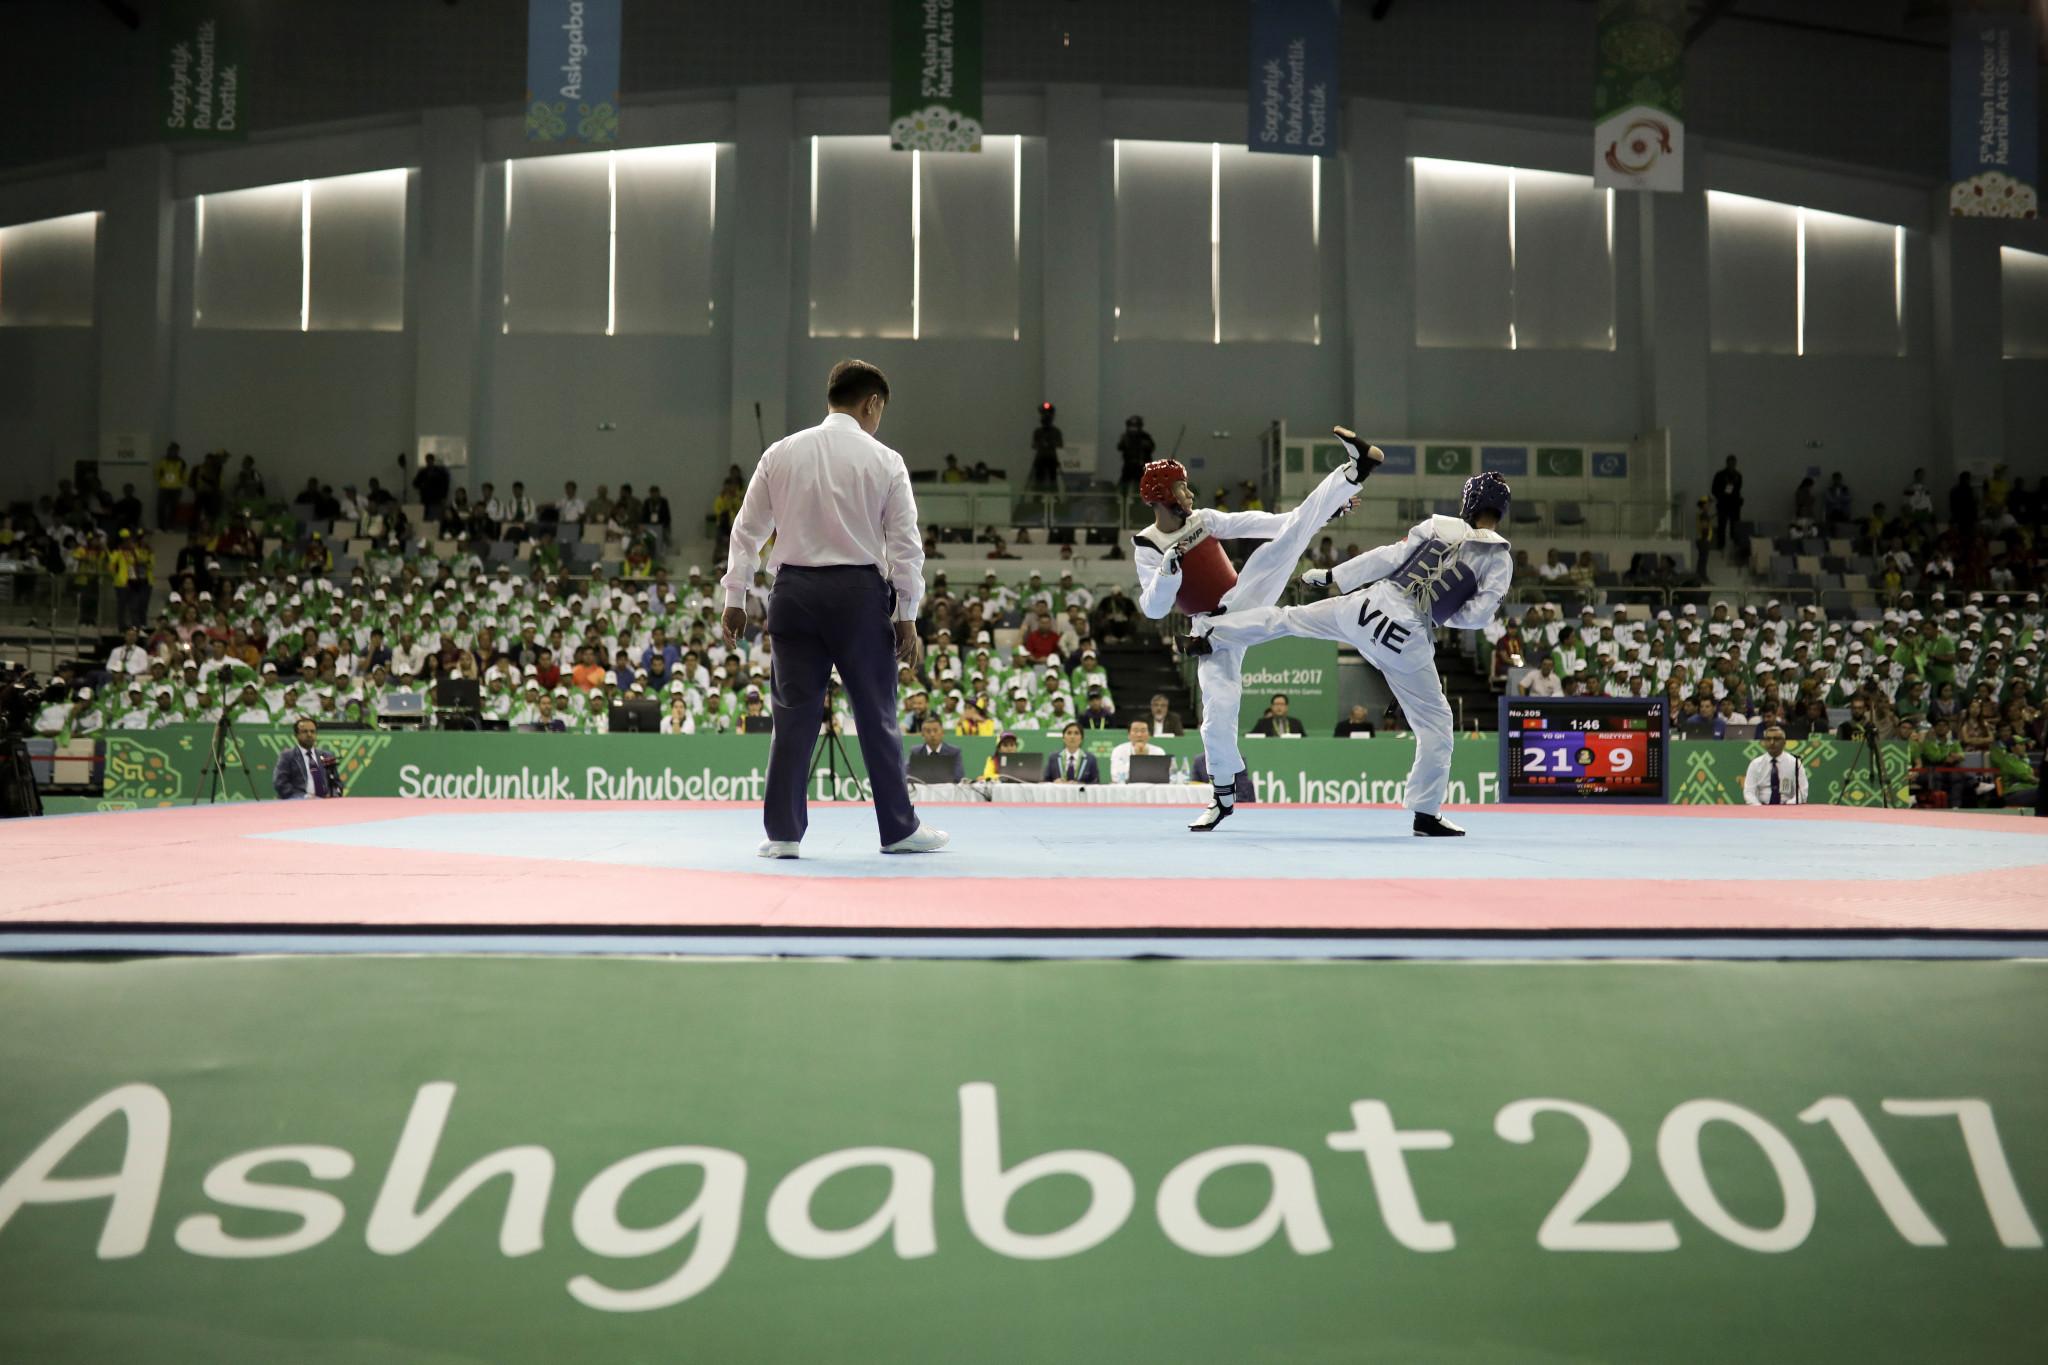 Taekwondo action concluded today at Ashgabat 2017 ©Ashgabat 2017/Alexandros Avramidis/Laurel Photo Services